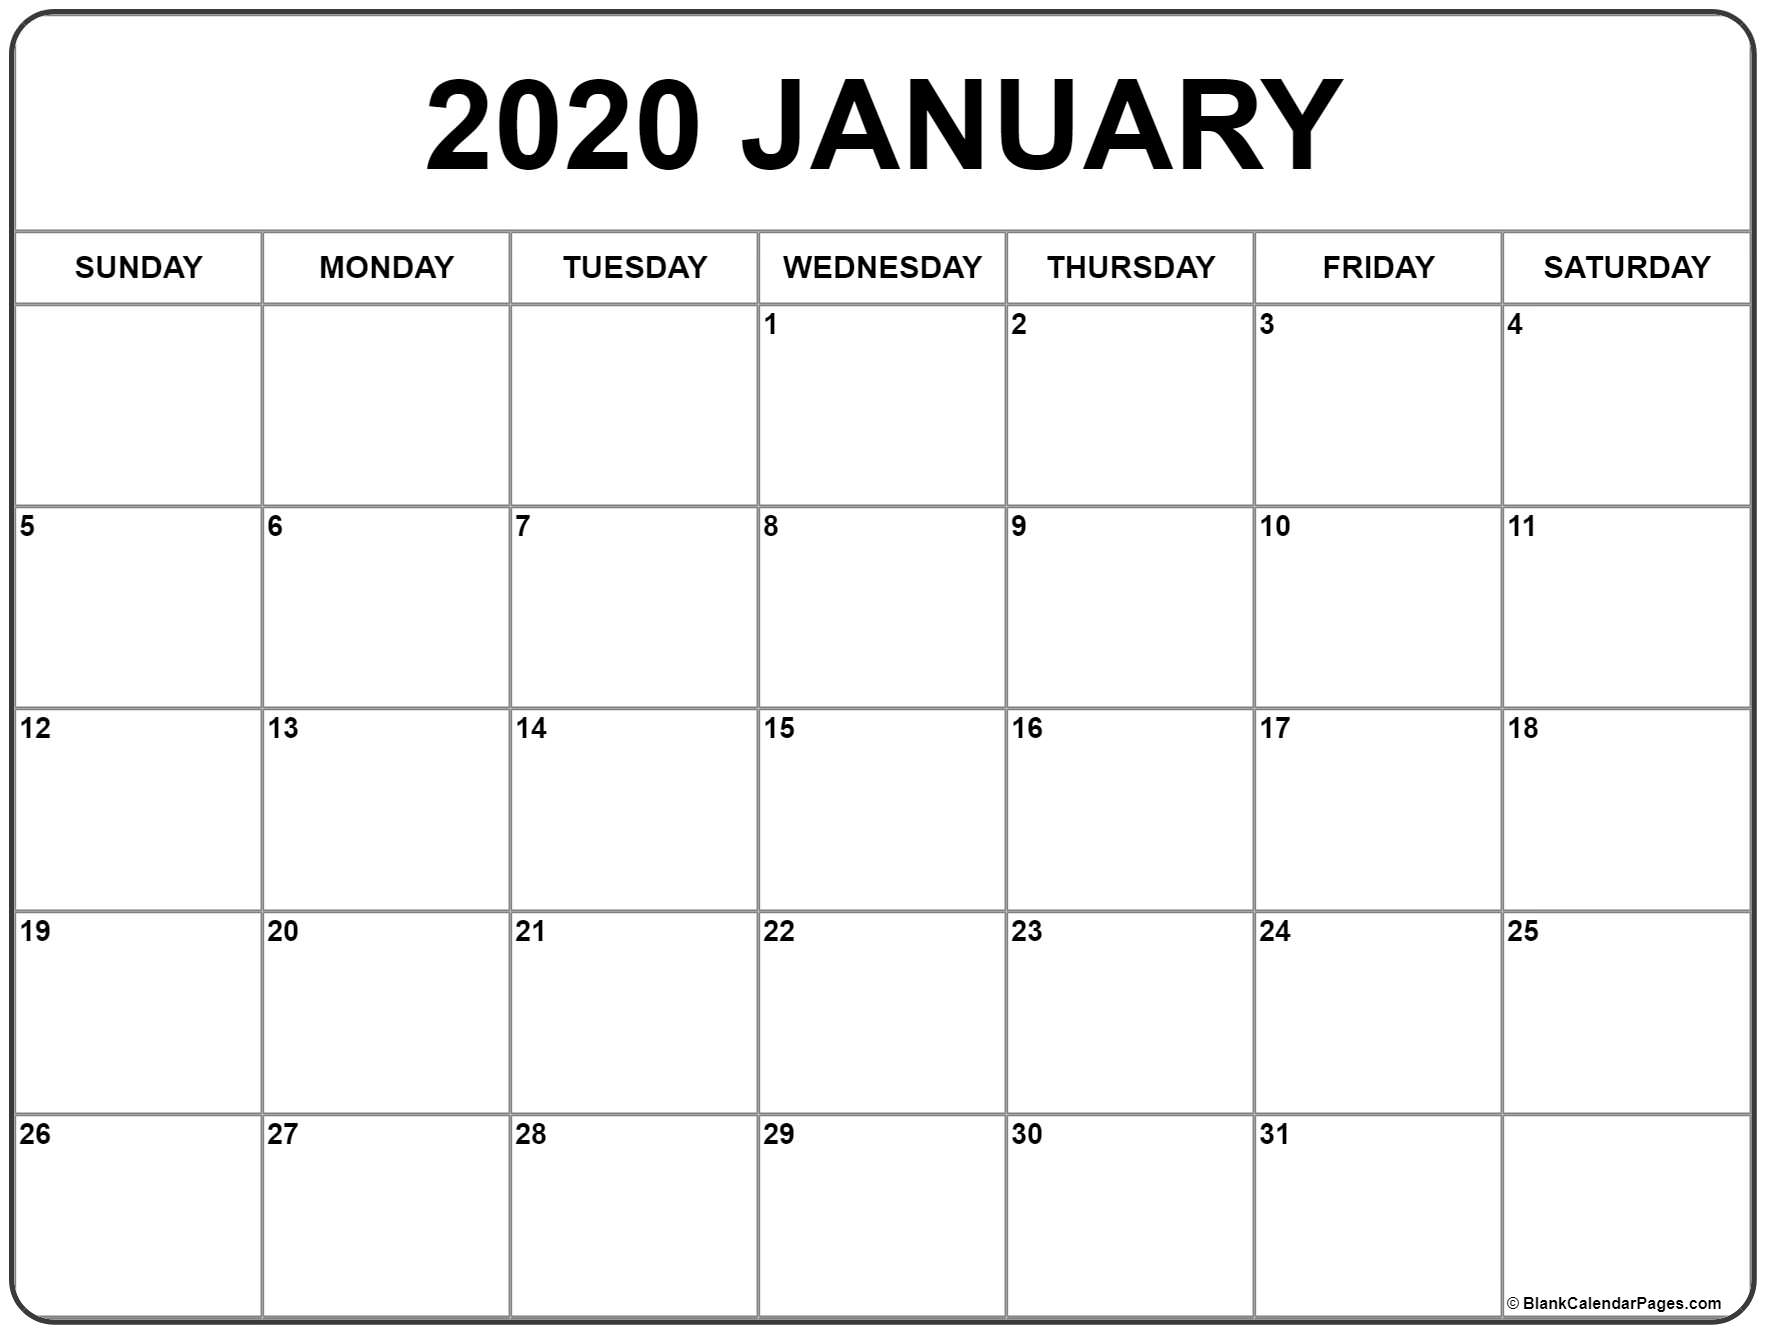 Print Jan 2020 Calendar - Tunu.redmini.co